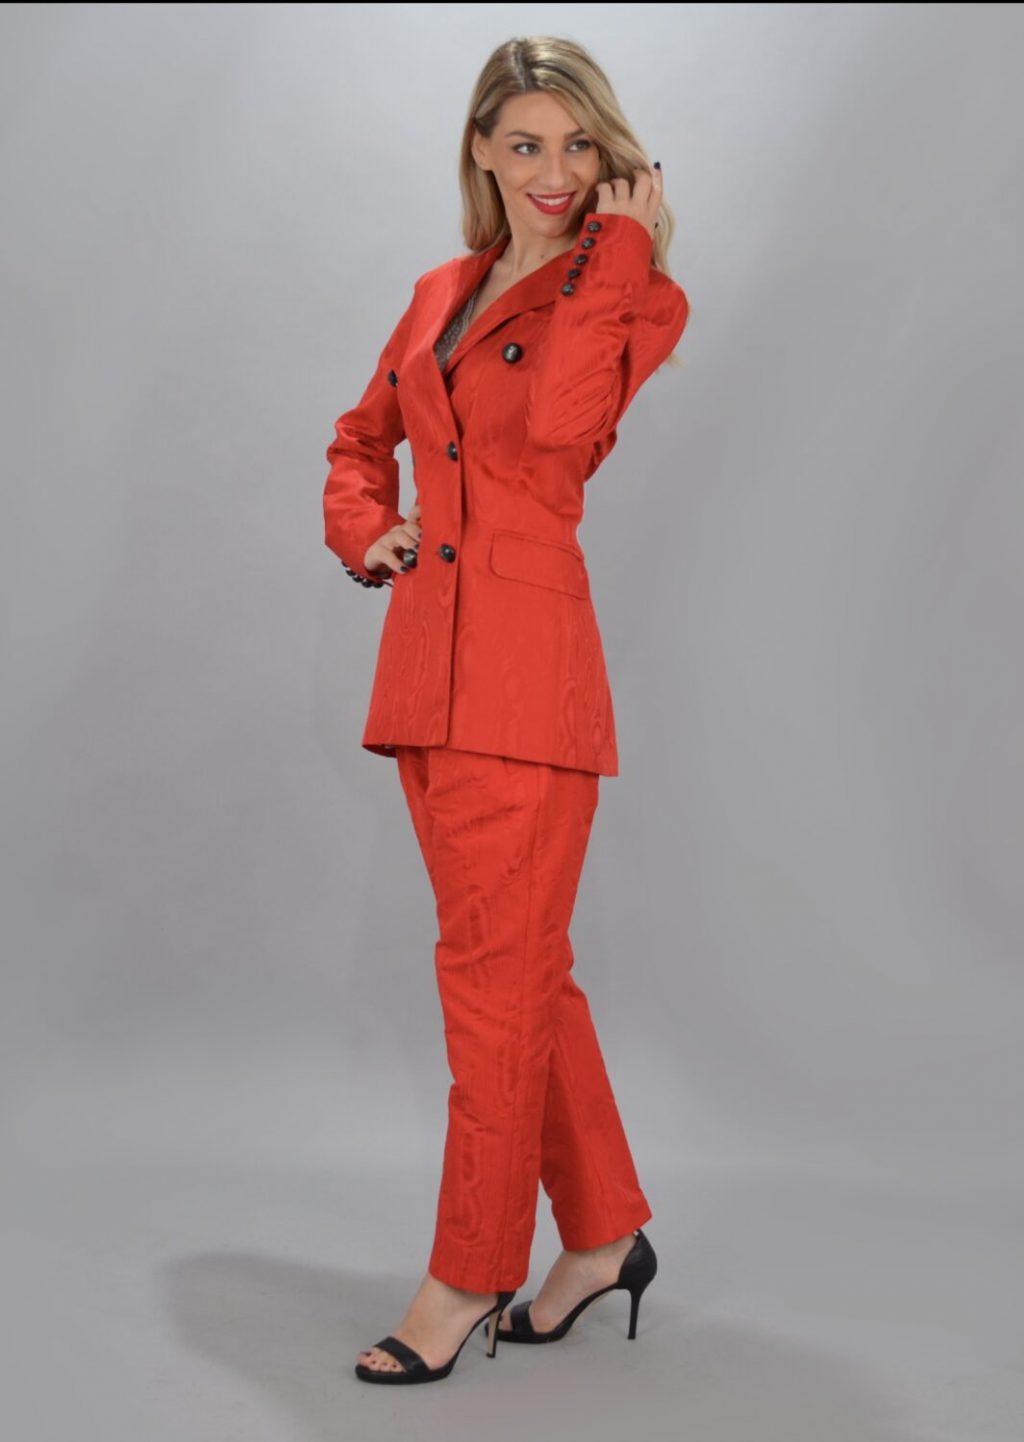 Γυναικεία Ρούχα CMANOLO RED ΚΟΣΤΟΥΜΙ